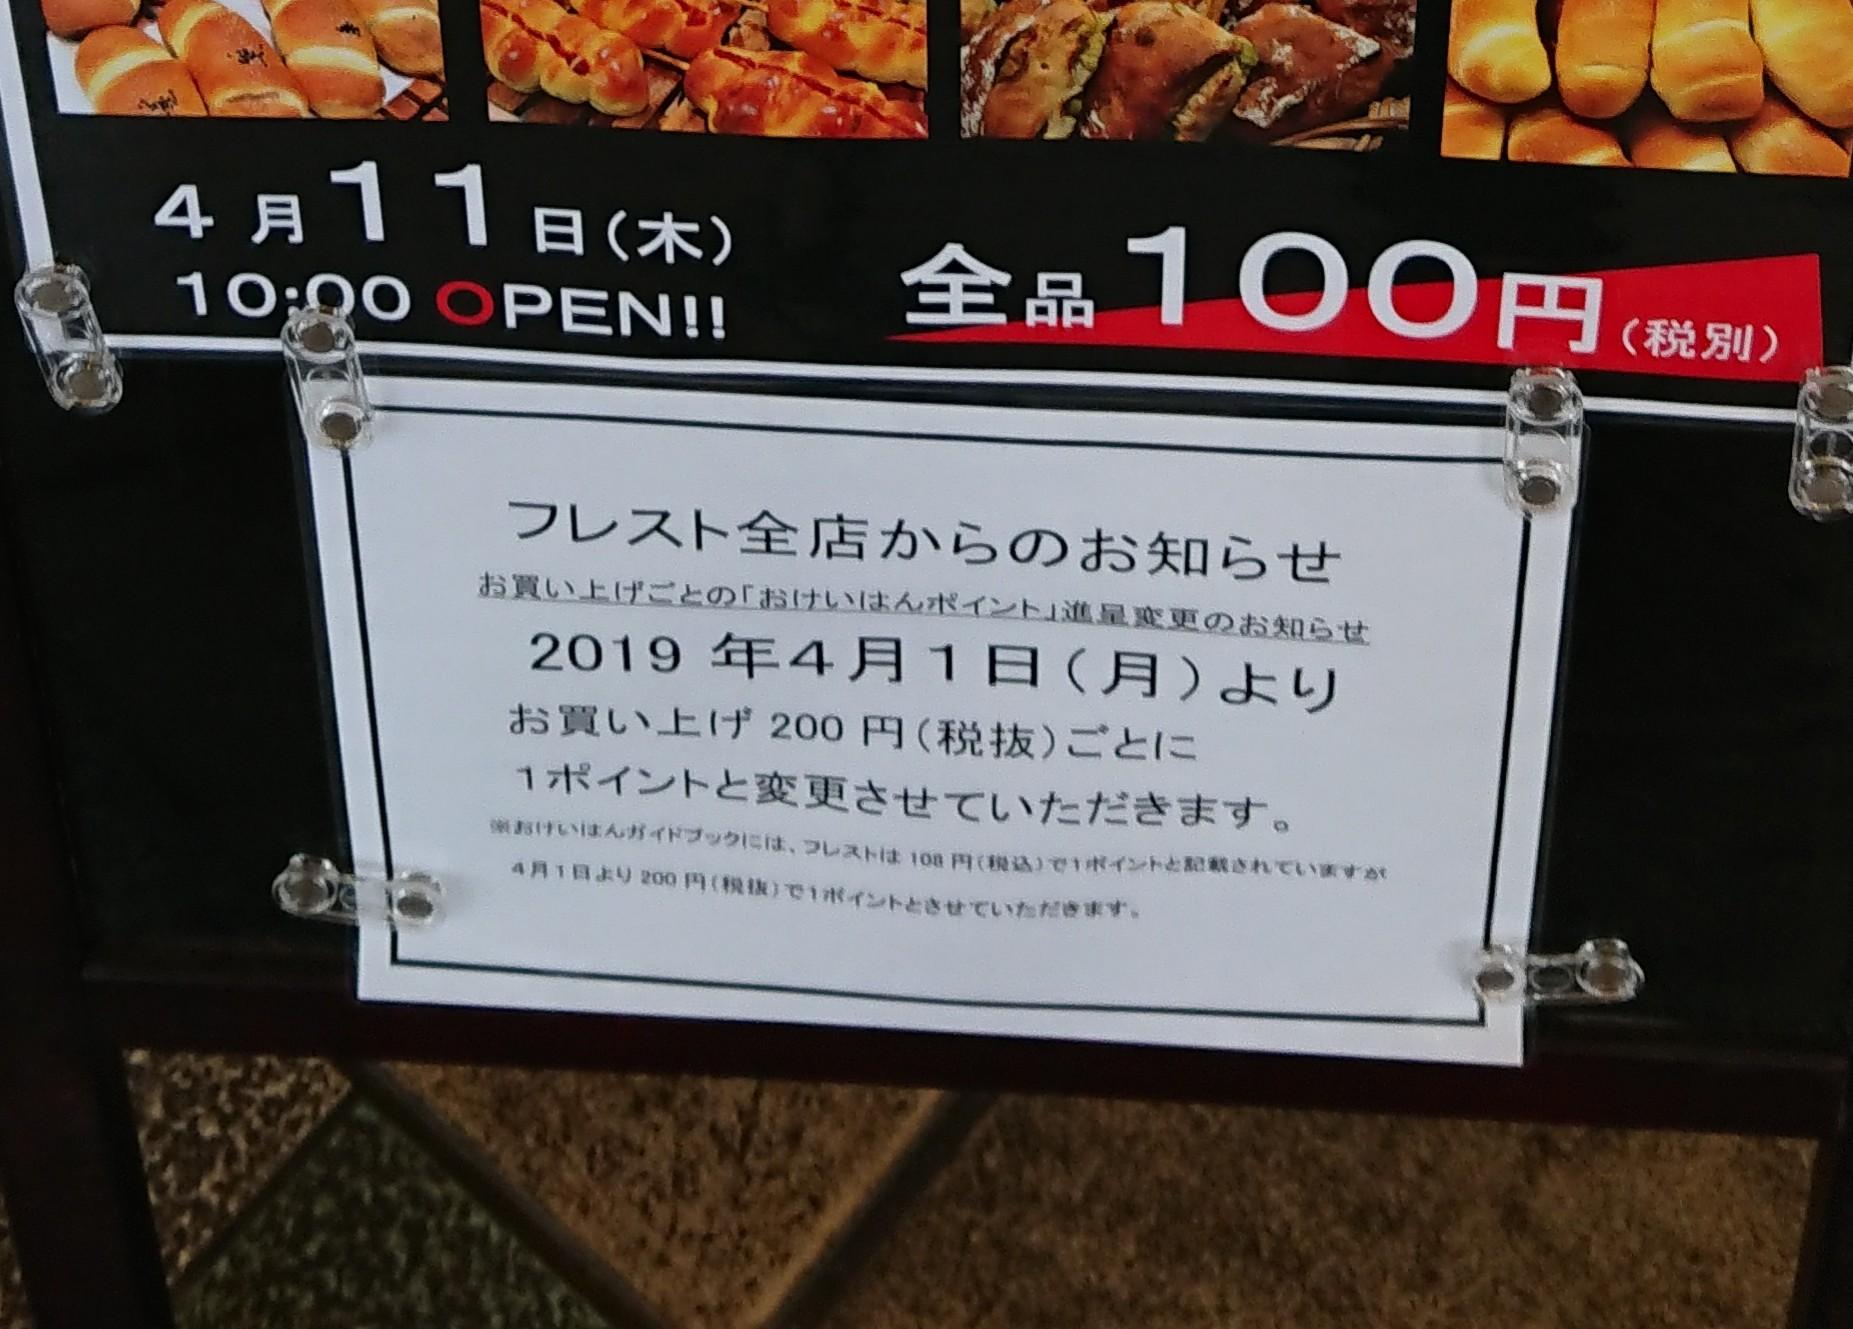 ★フレスト香里園店★お知らせ情報&デザー…の画像